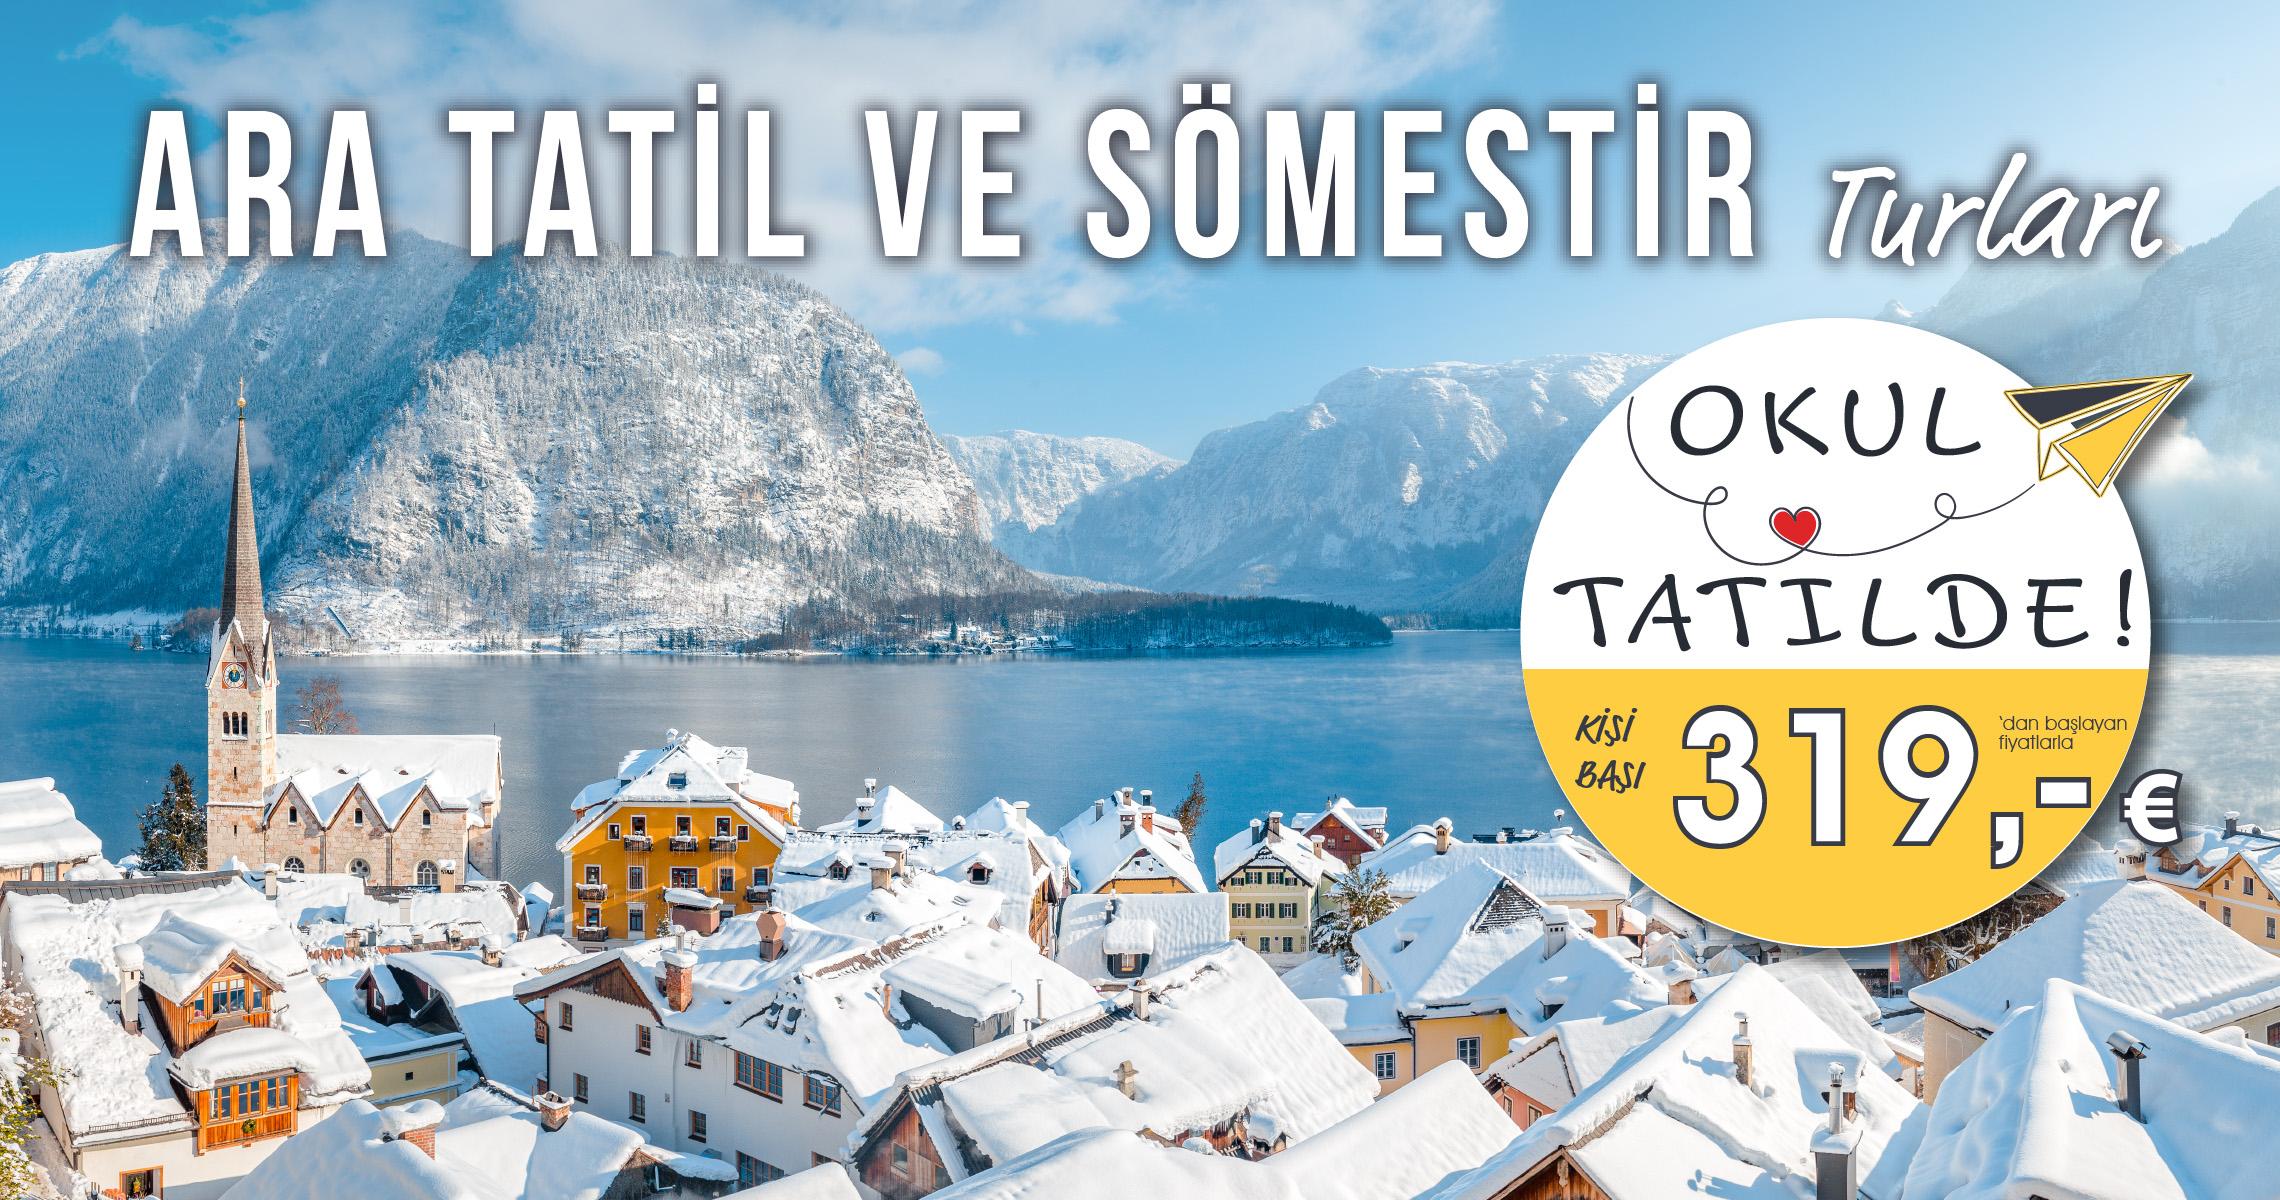 Ara Tatil ve Sömestir tatilinde İlk Rezervasyon Fırsatı! Sakın Kaçırmayın!